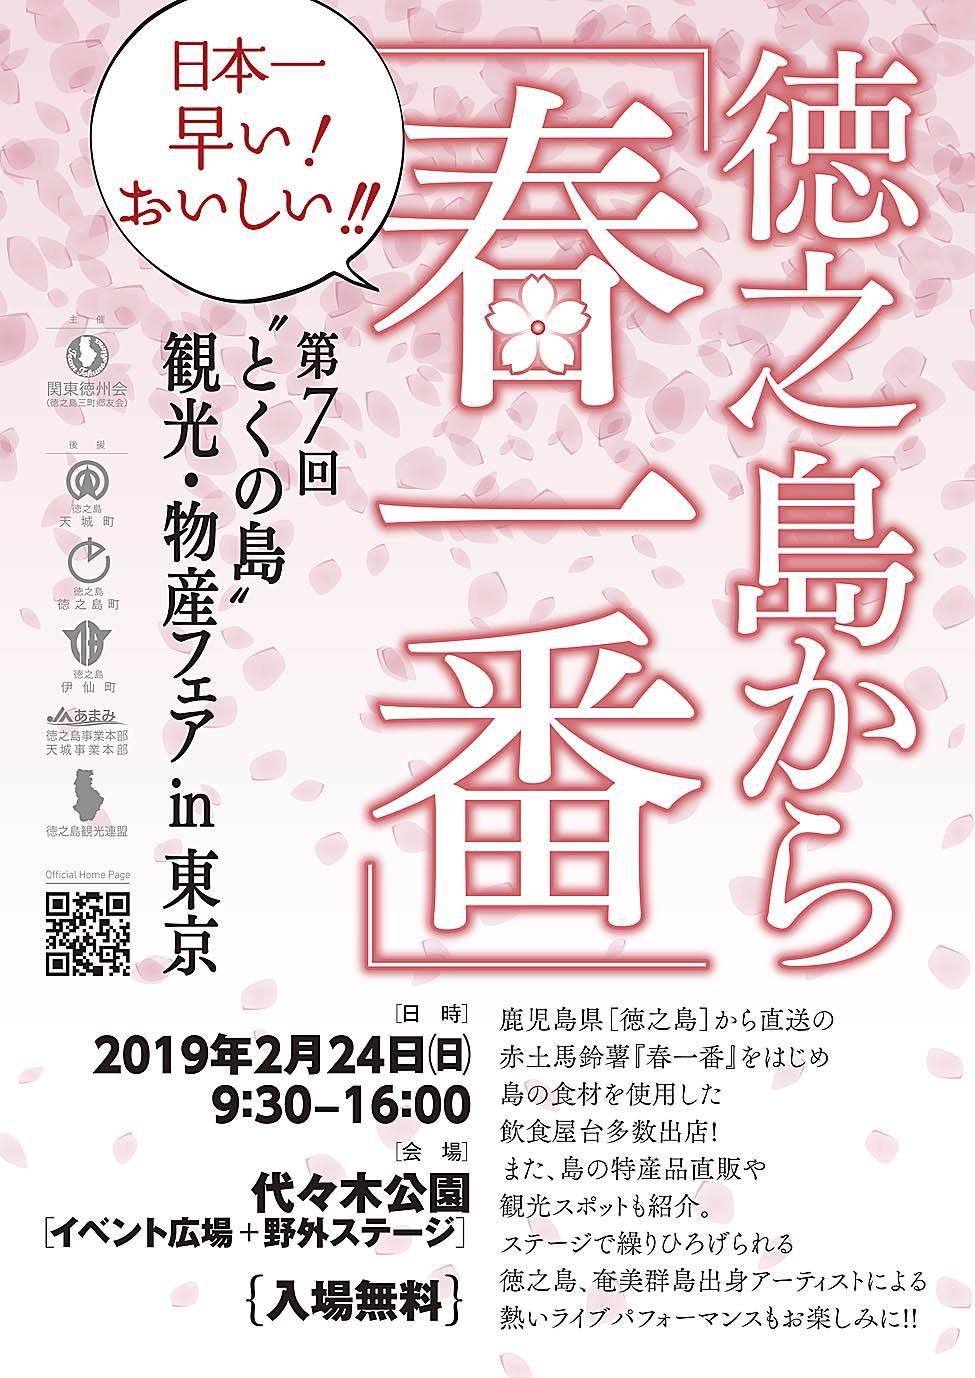 第7回〝とくの島〟観光・物産フェア in 東京 〜徳之島から「春一番」〜